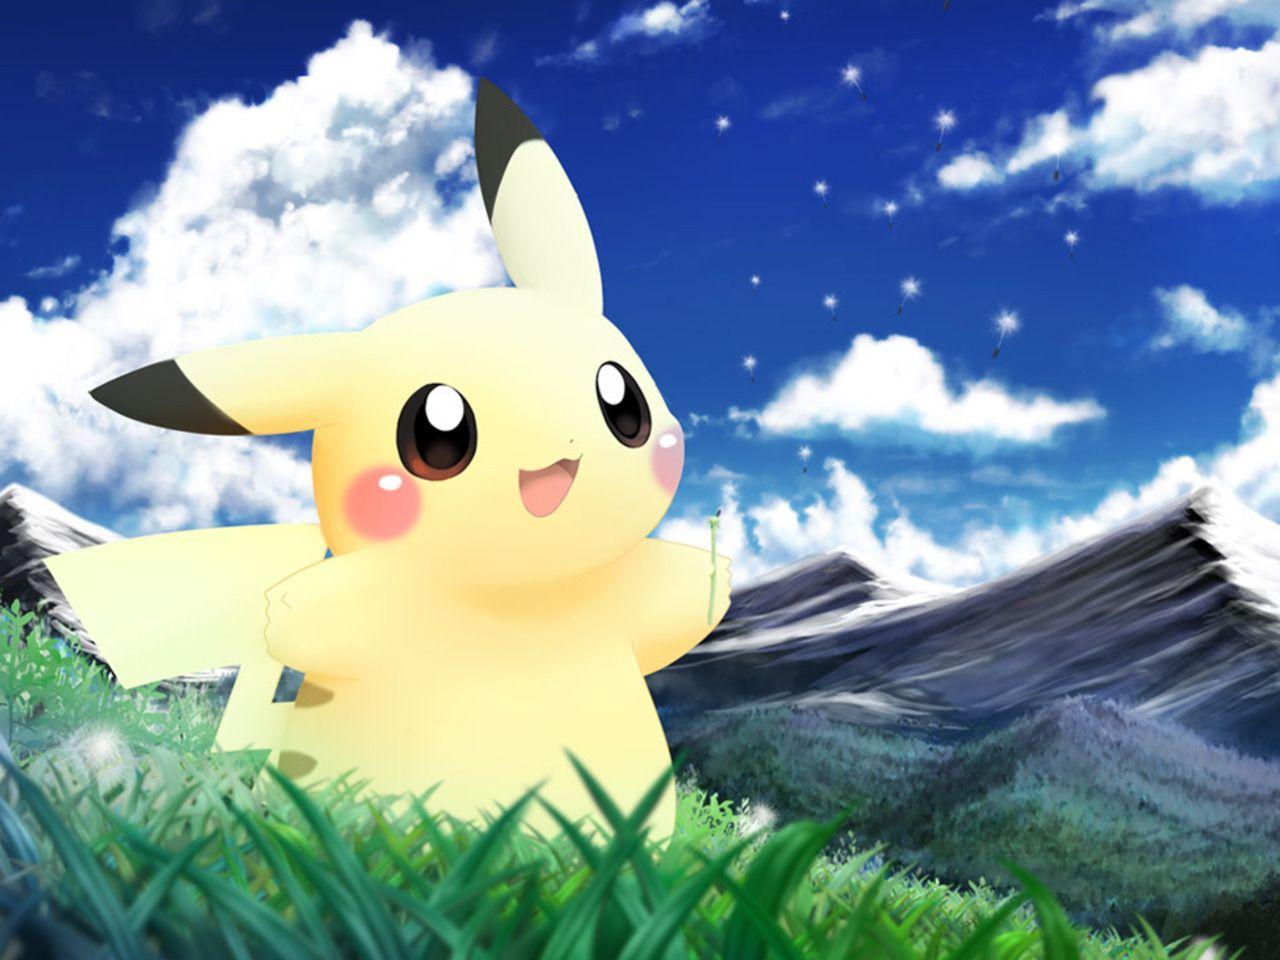 1280x960 Pikachu - Pokémon - Hình nền - Bảng hình ảnh Anime Zerochan